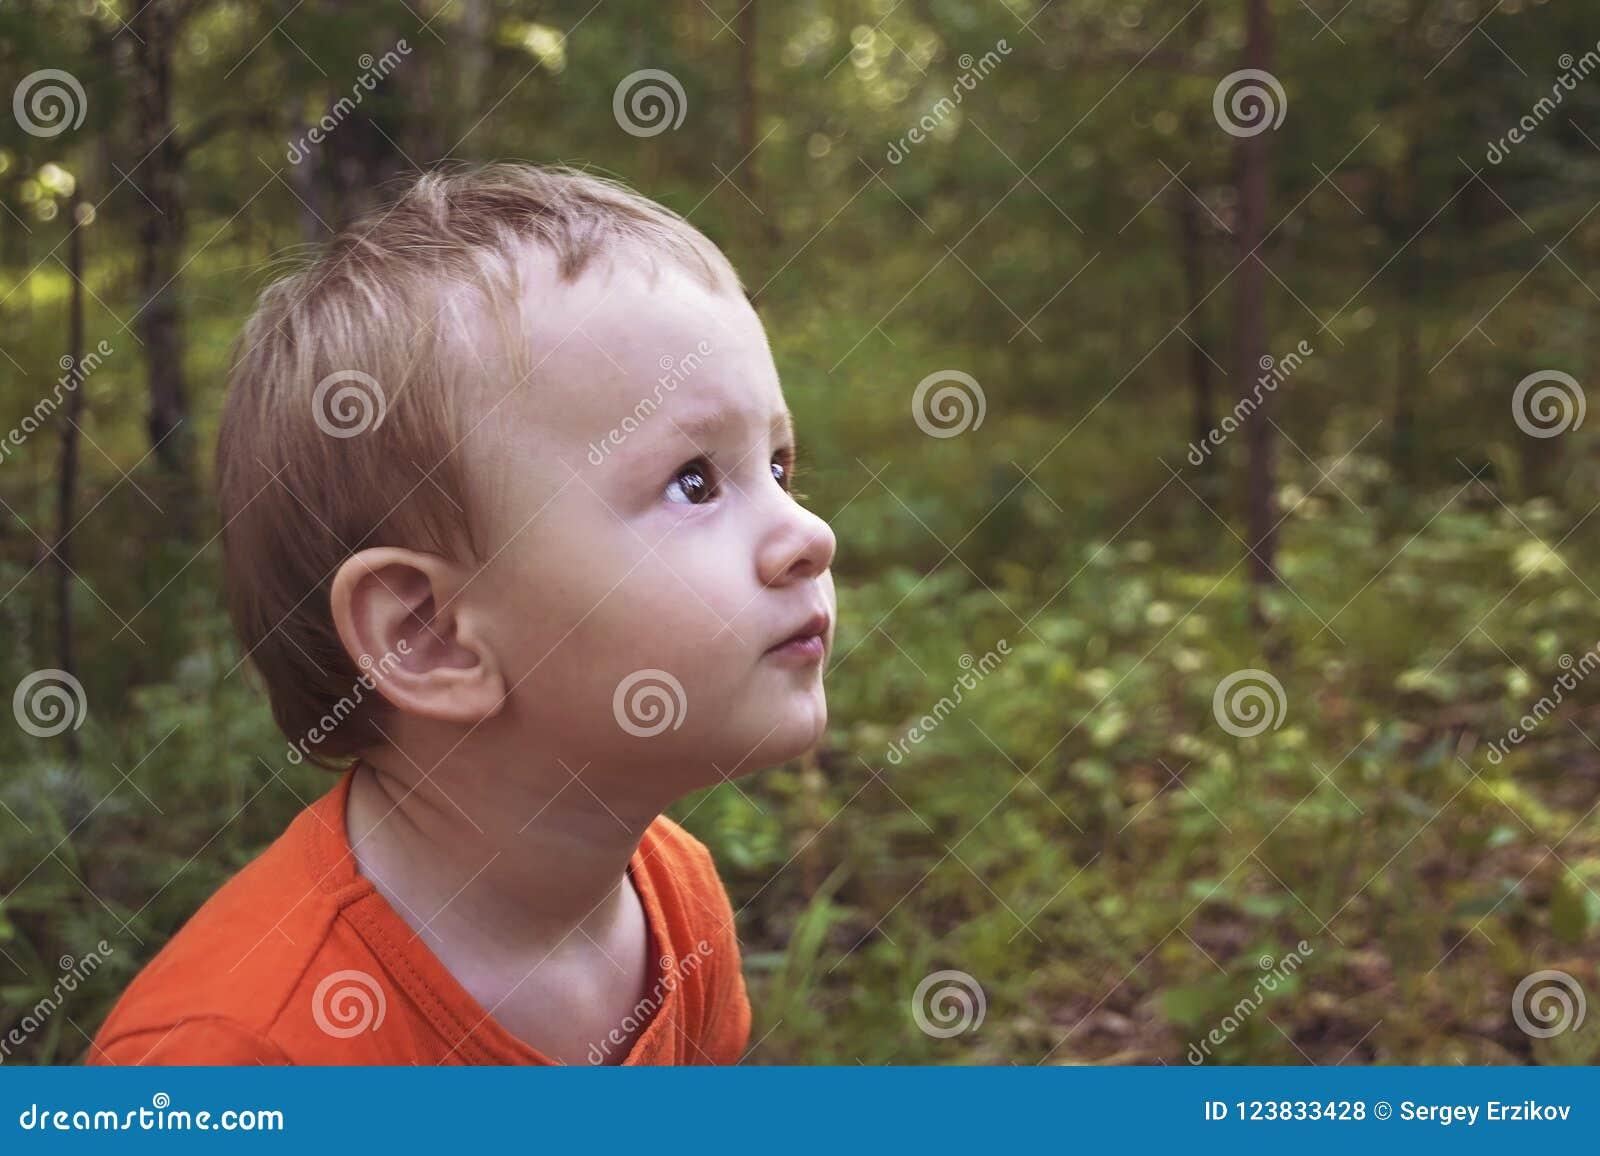 Porträt eines kleinen Kindes im Sommerwald